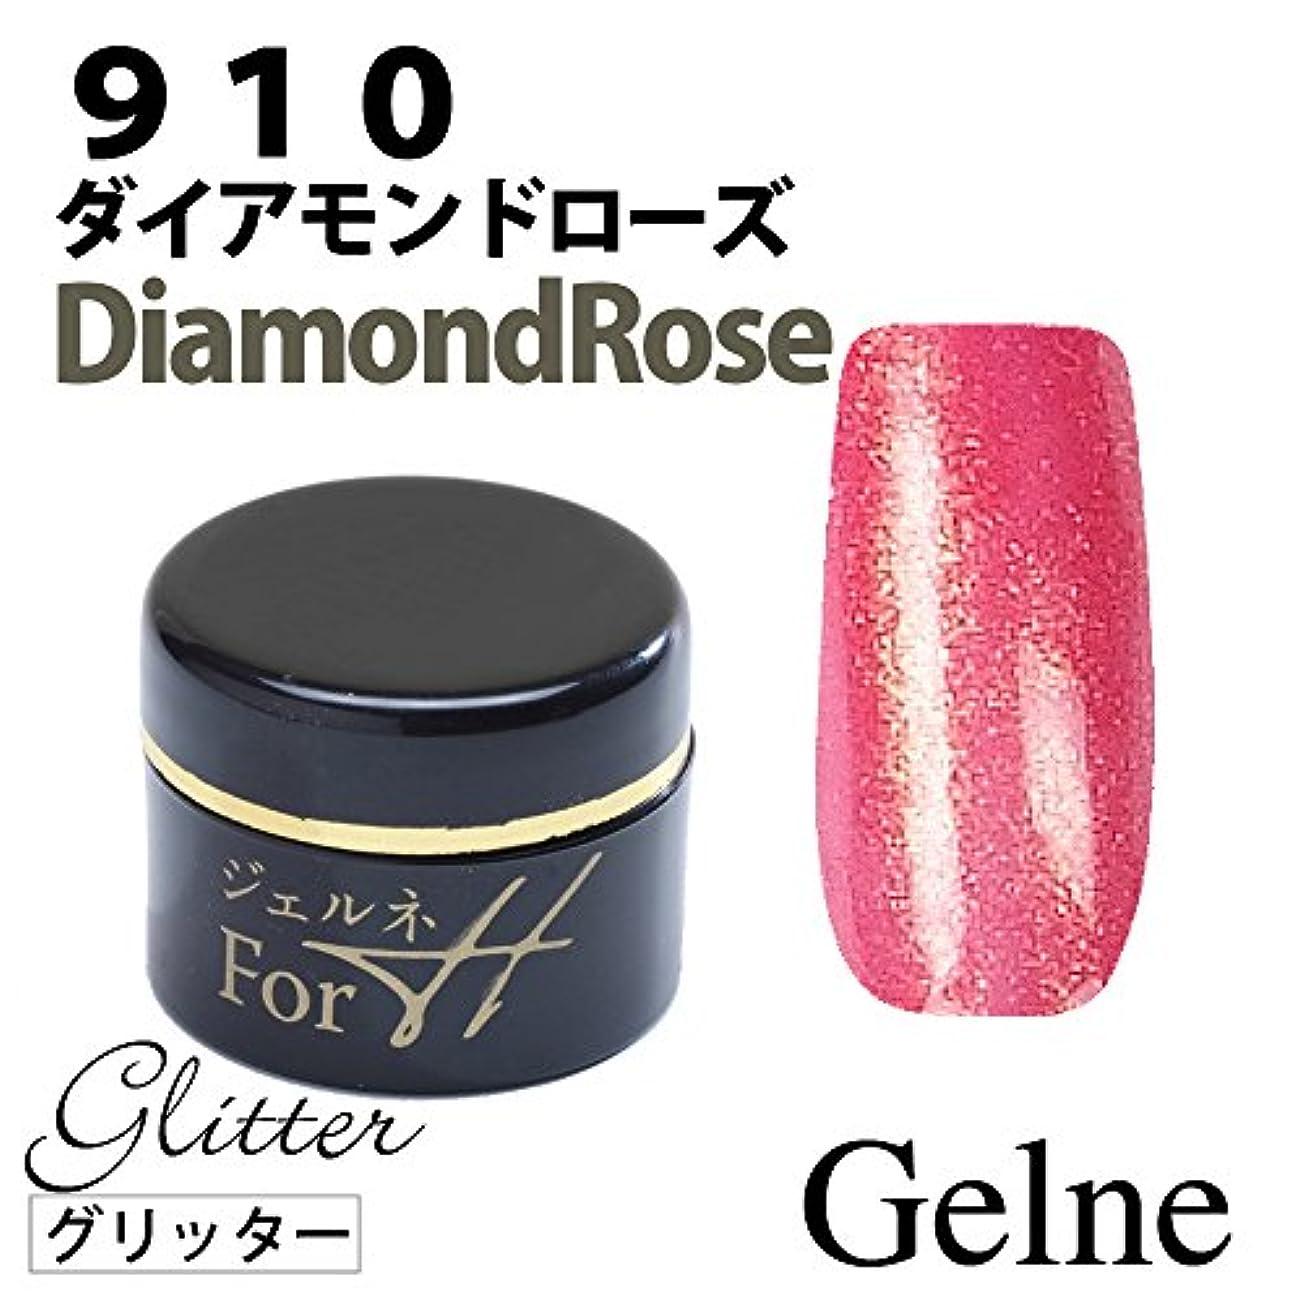 ささやきジェーンオースティン速報Gelneオリジナル ダイヤモンドローズ カラージェル 5g LED/UV対応 ソークオフジェル